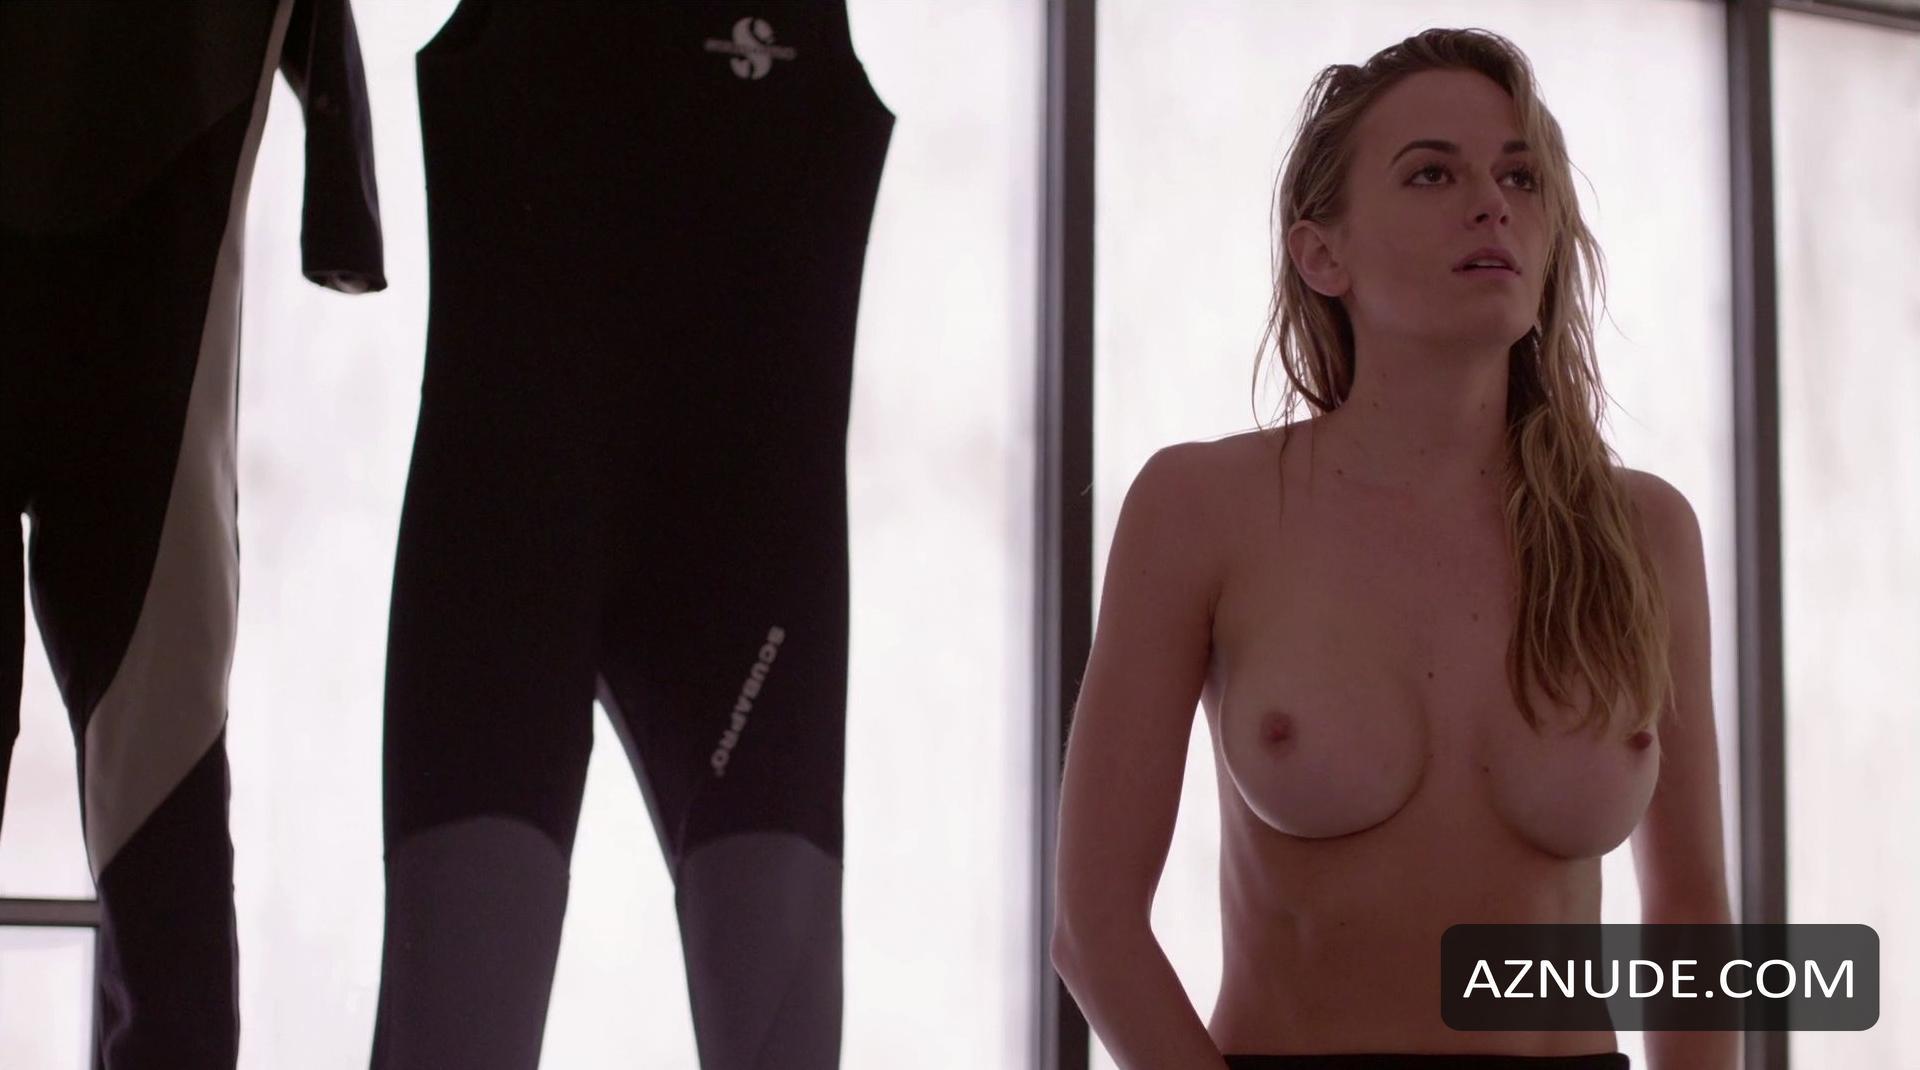 metart hot naked boy and girls orgazm